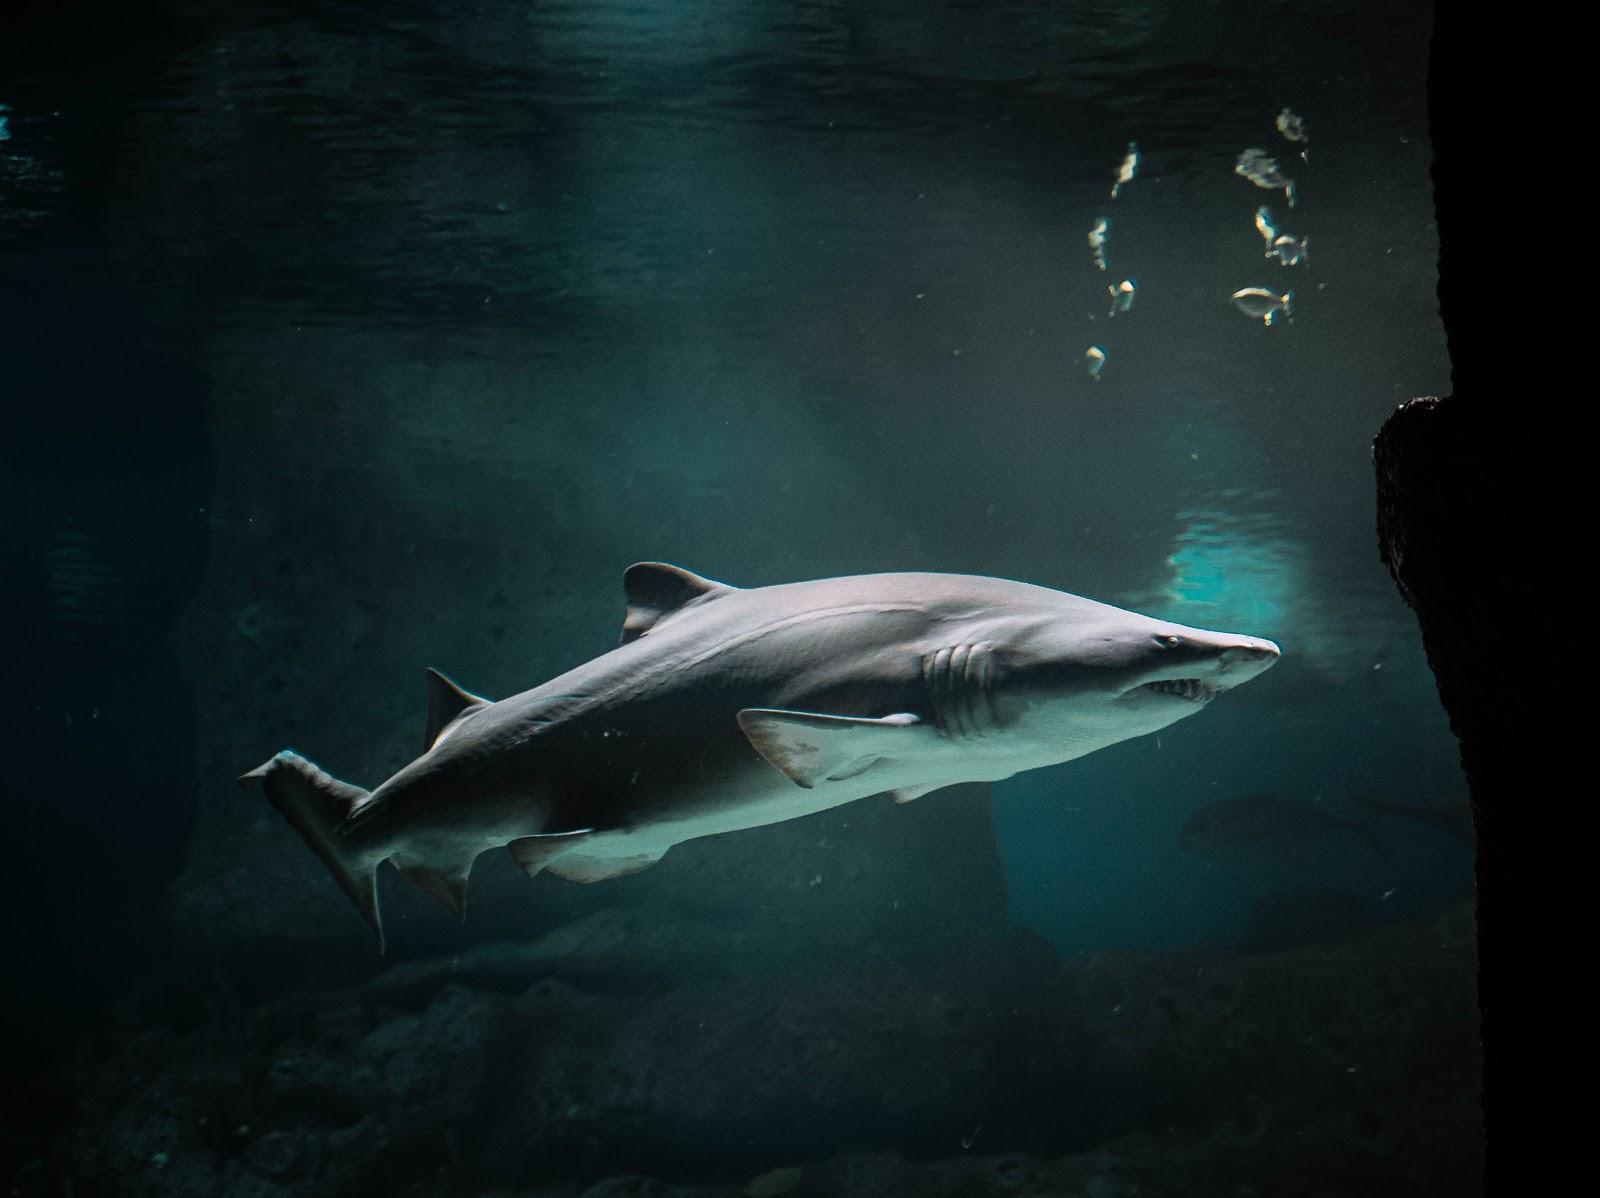 shark-underwater-pictures